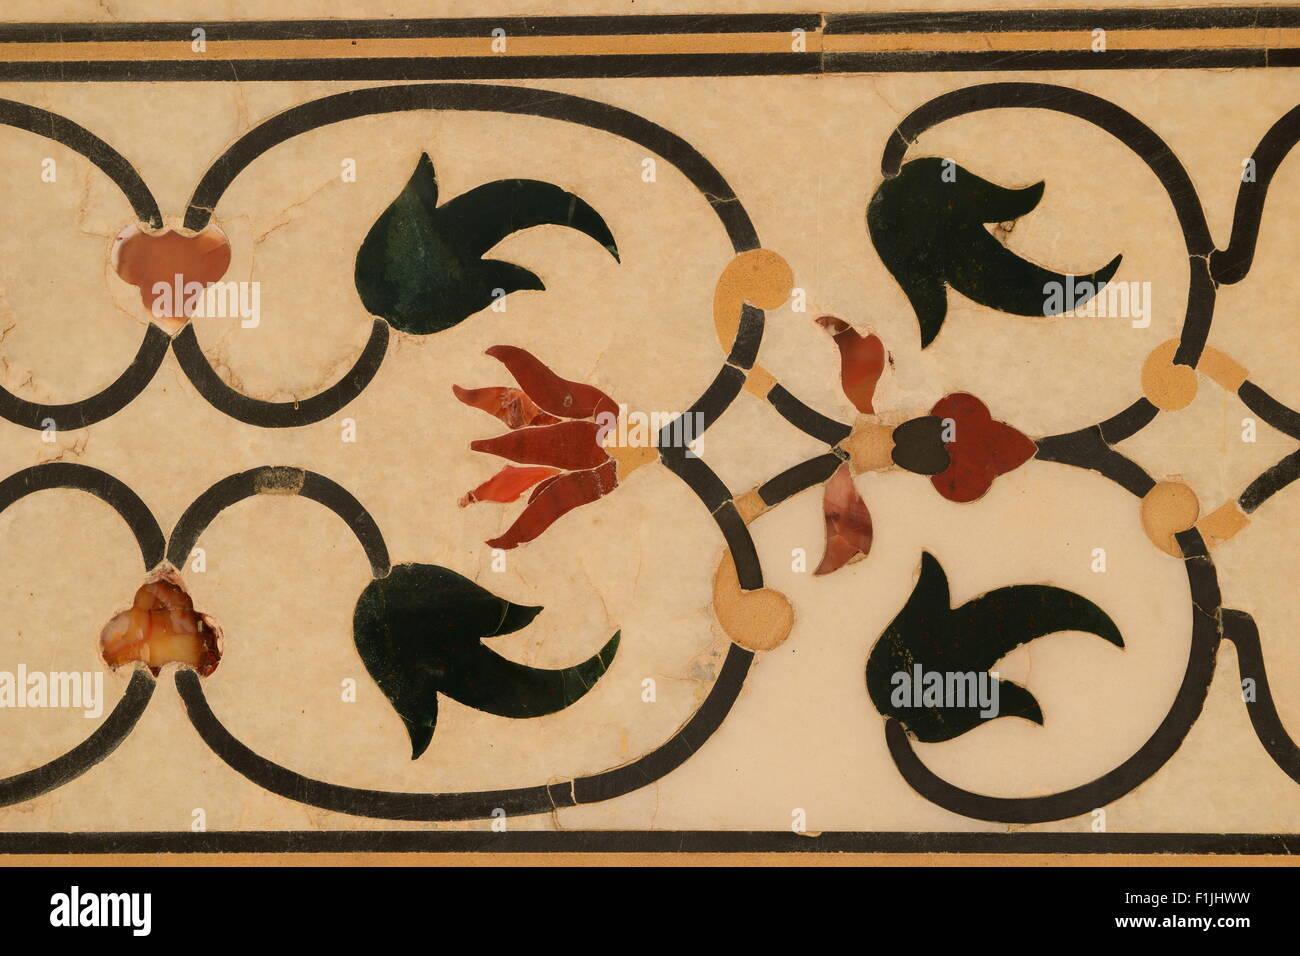 Taj Mahal Art Stock Photos & Taj Mahal Art Stock Images - Alamy